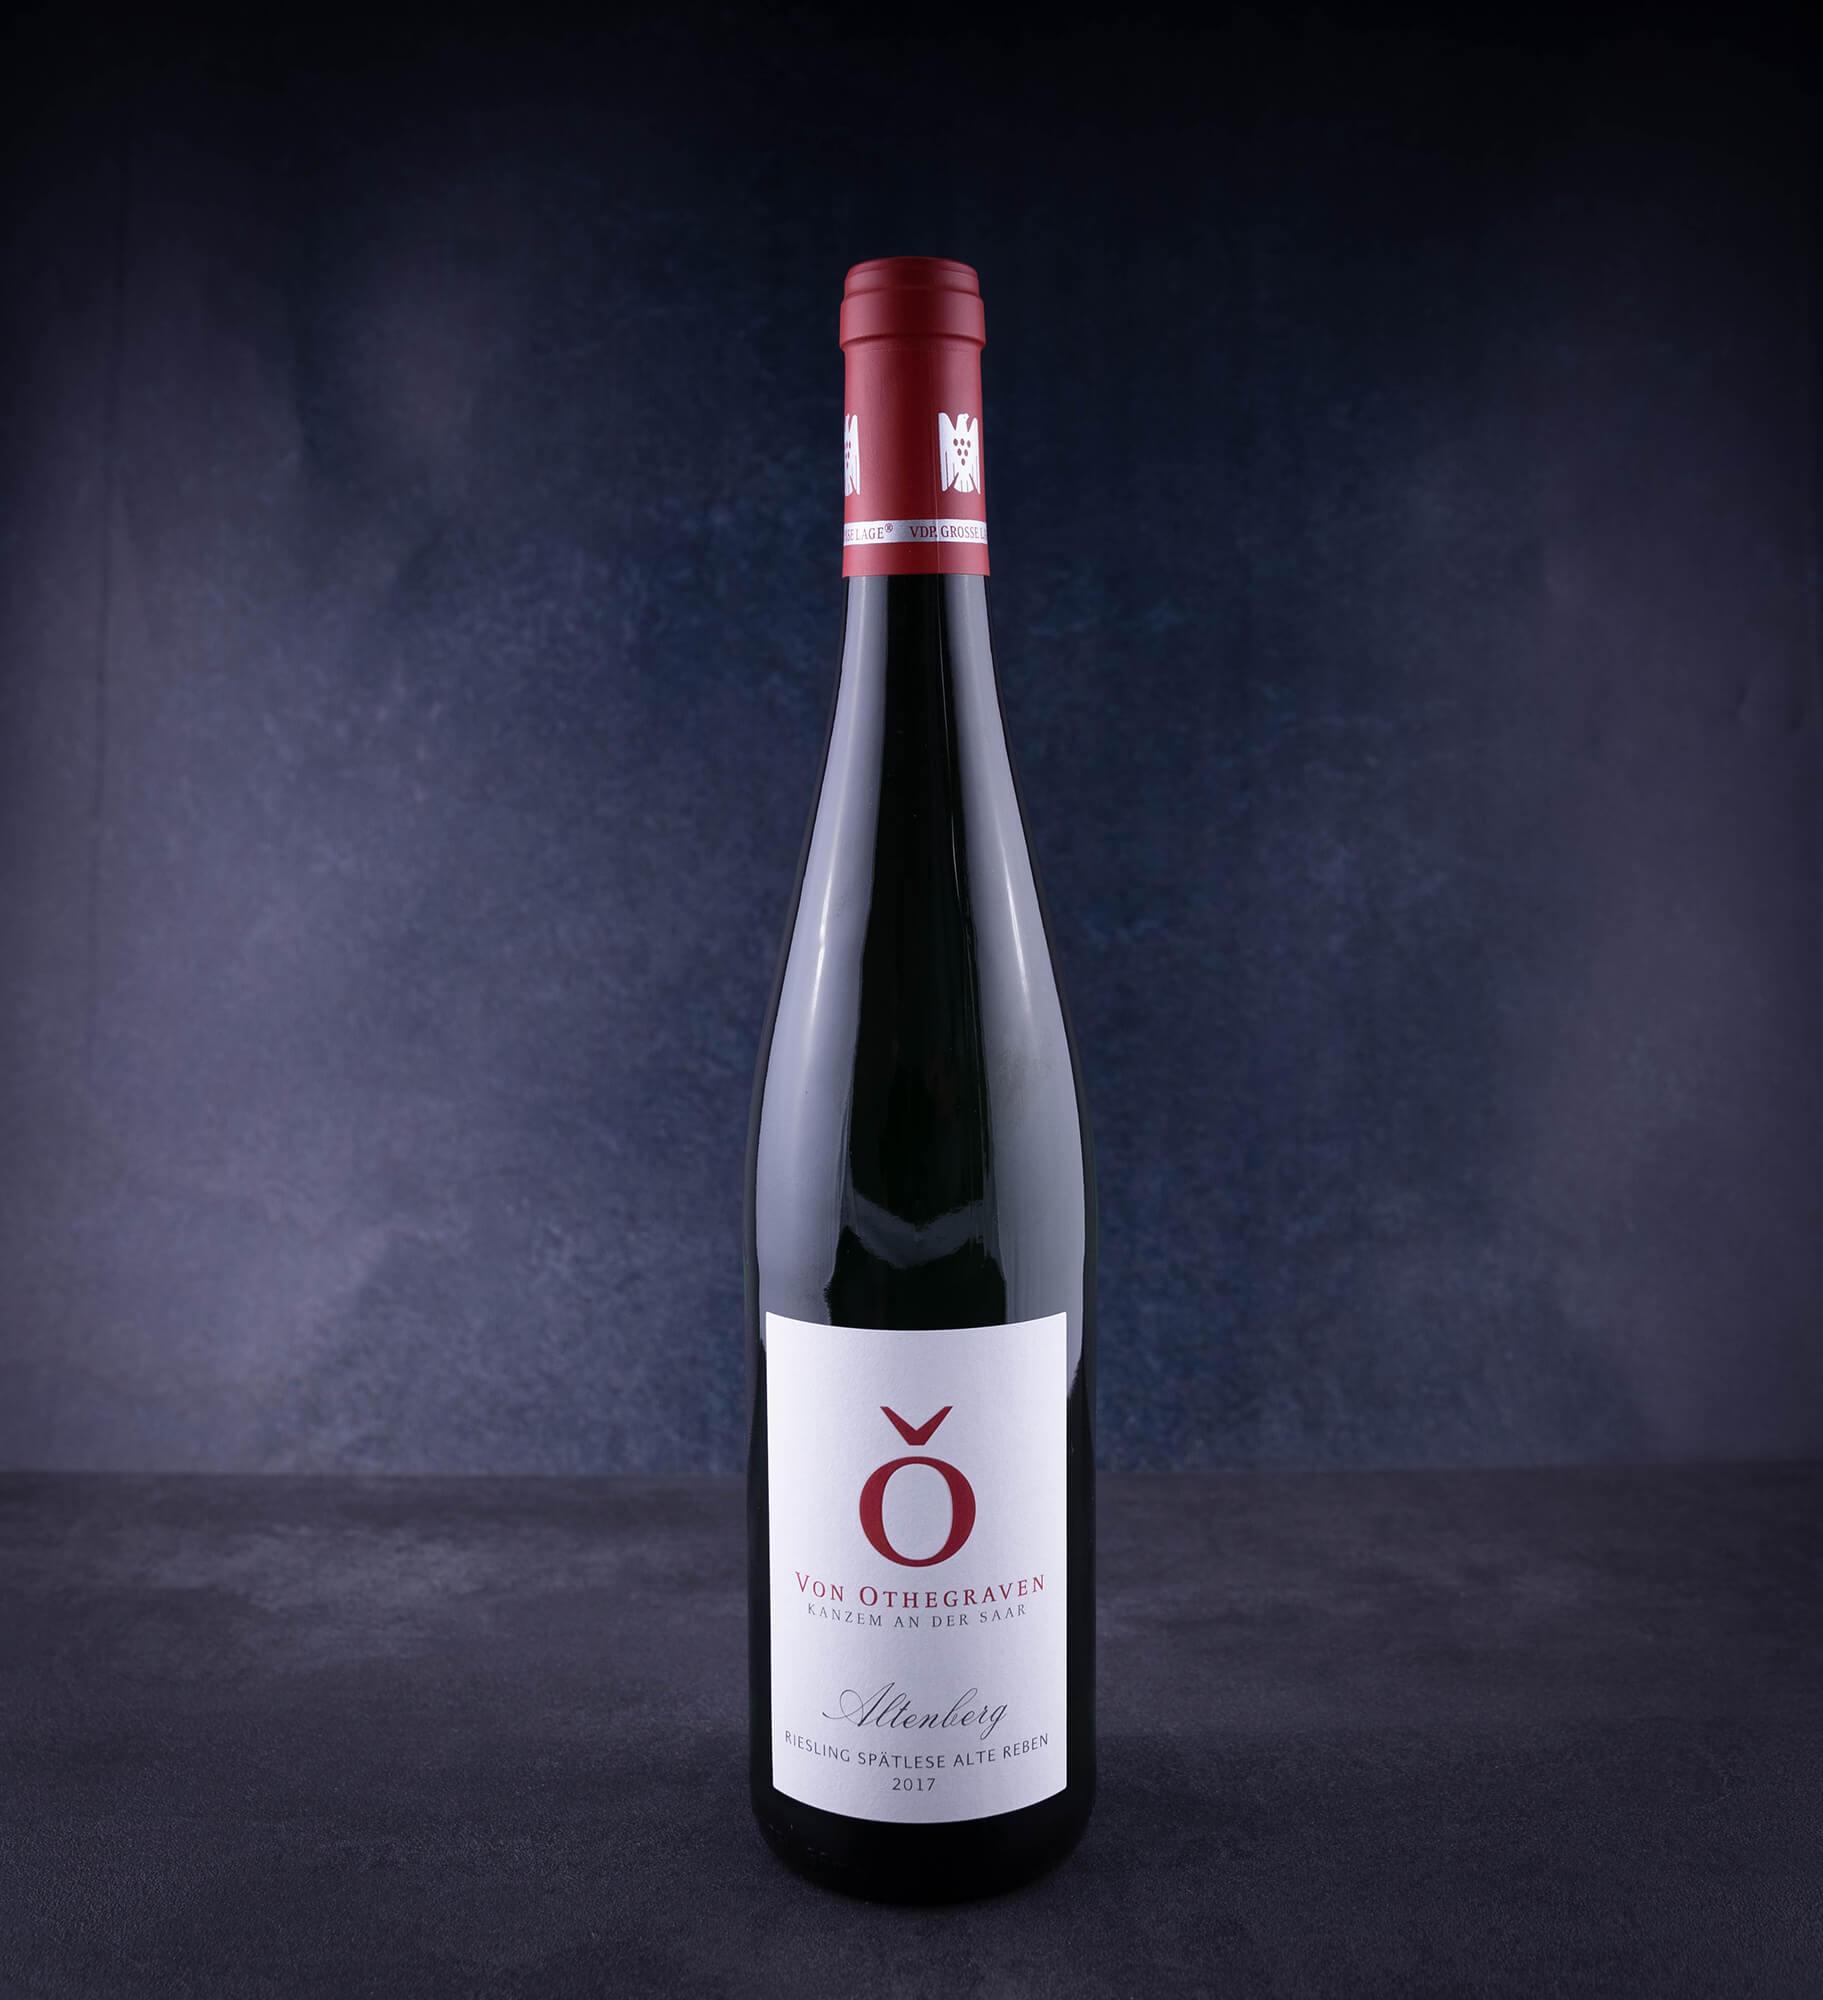 Altenberg Riesling, Spätlese Alte Reben,Weißwein, Weingut von Othegraven, Deutschland, 0,75l